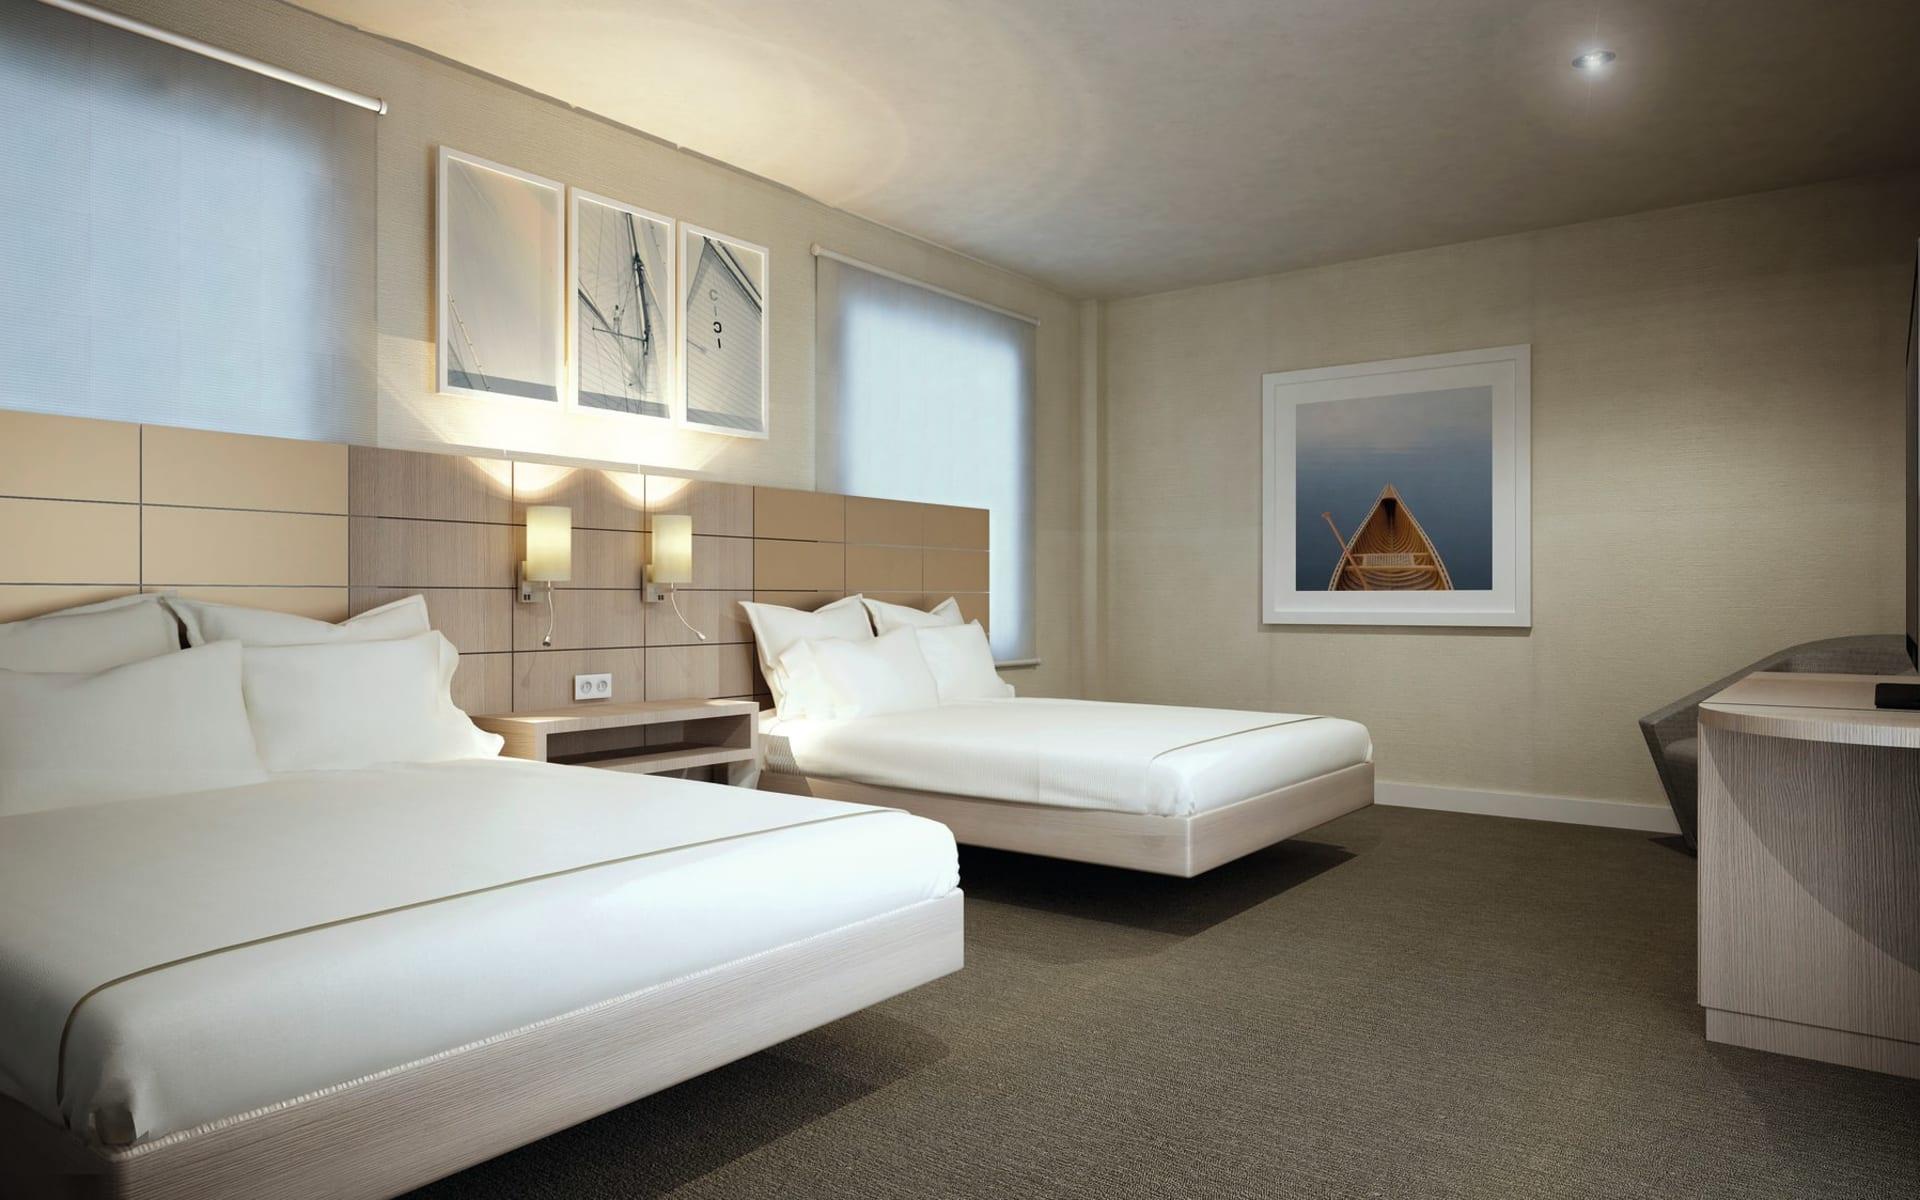 Hilton Garden Inn South Beach in Miami Beach:  Hilton Garden Inn South Beach - Standard